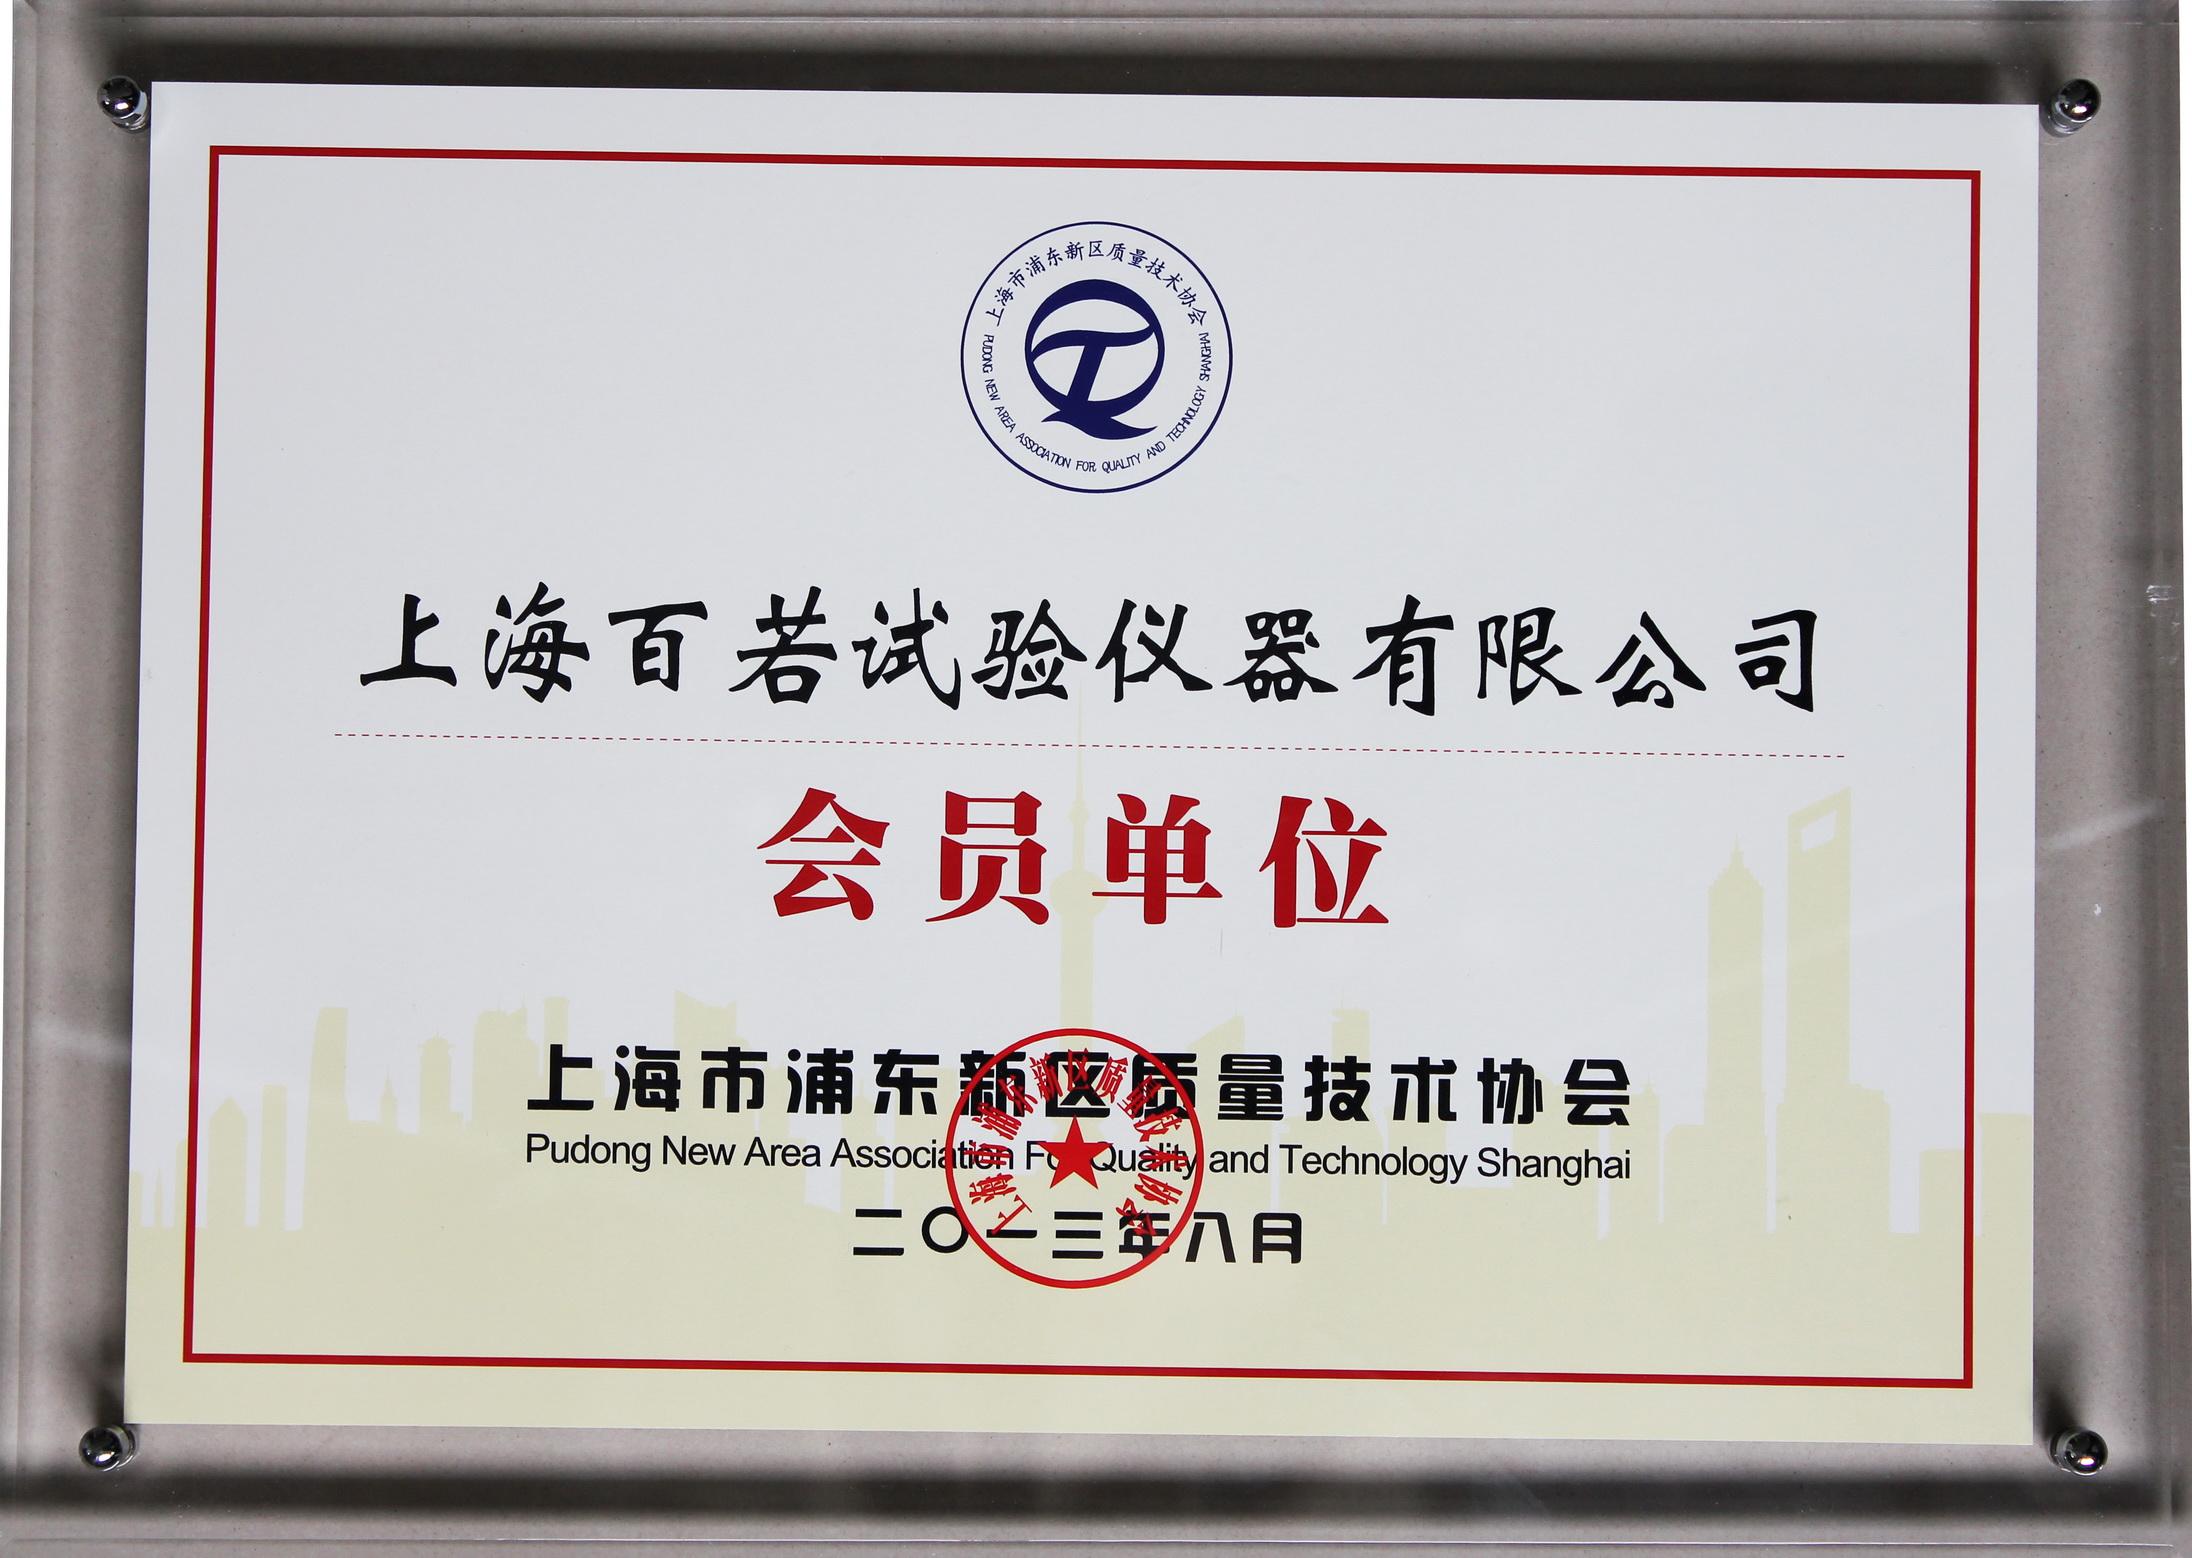 上海市浦东新区质量技术协会会员